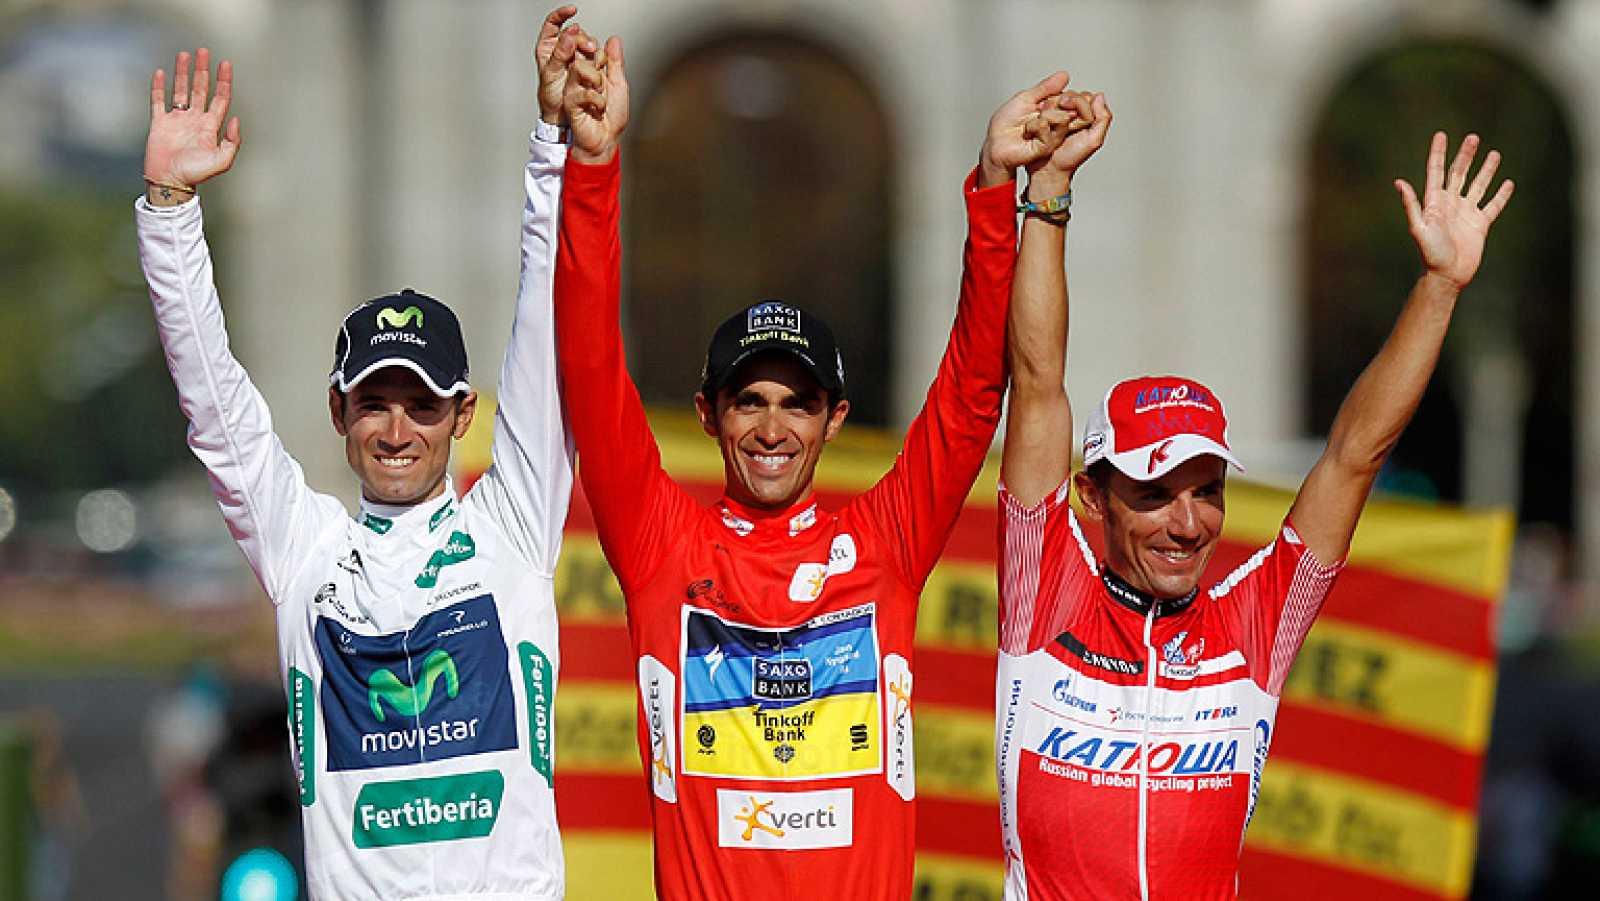 Los tres magníficos de esta Vuelta ciclista a España 2012 en el podio de Madrid.